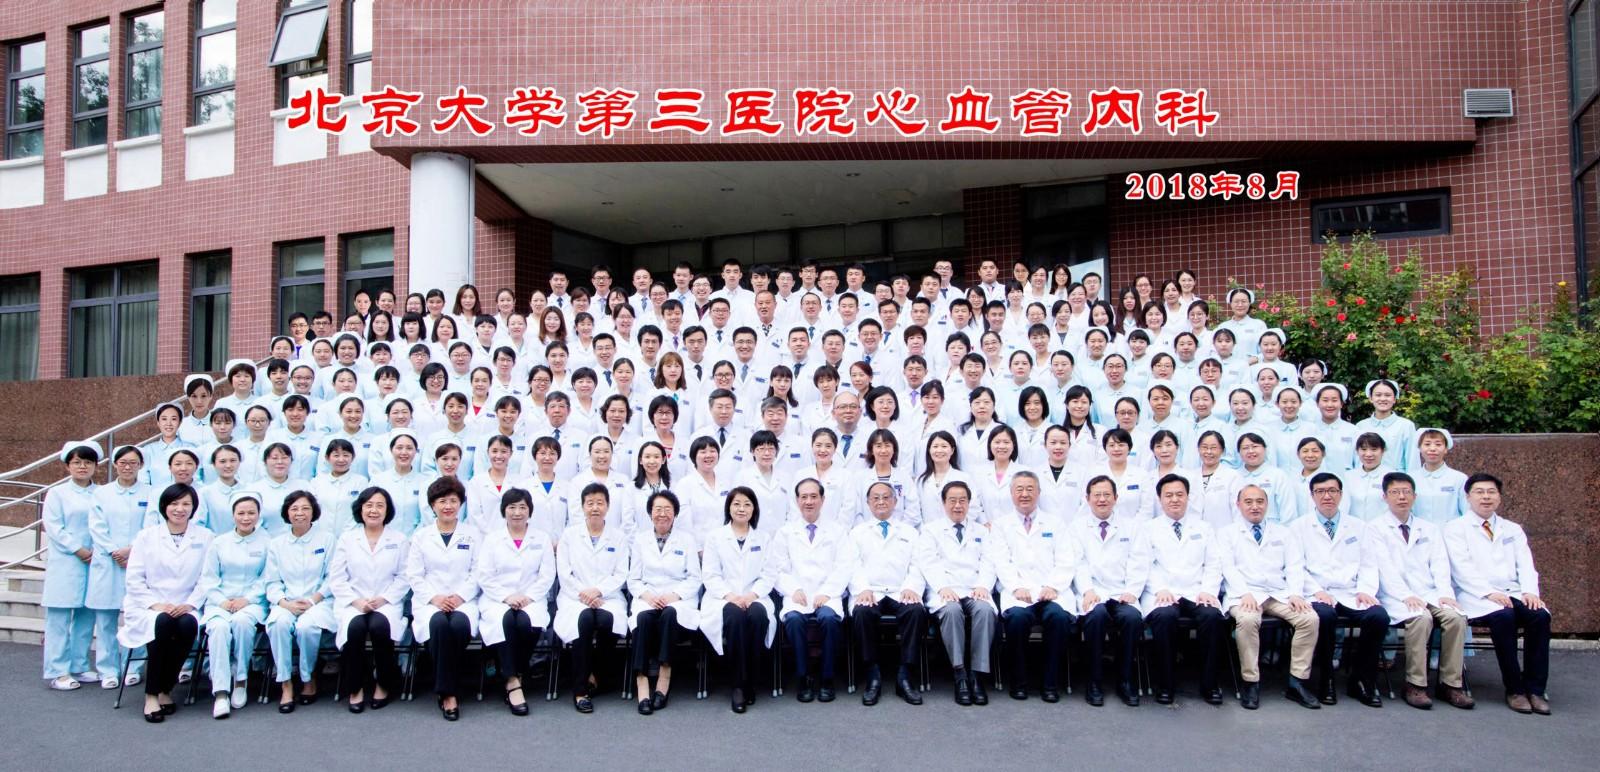 团队照片_meitu_1.jpg